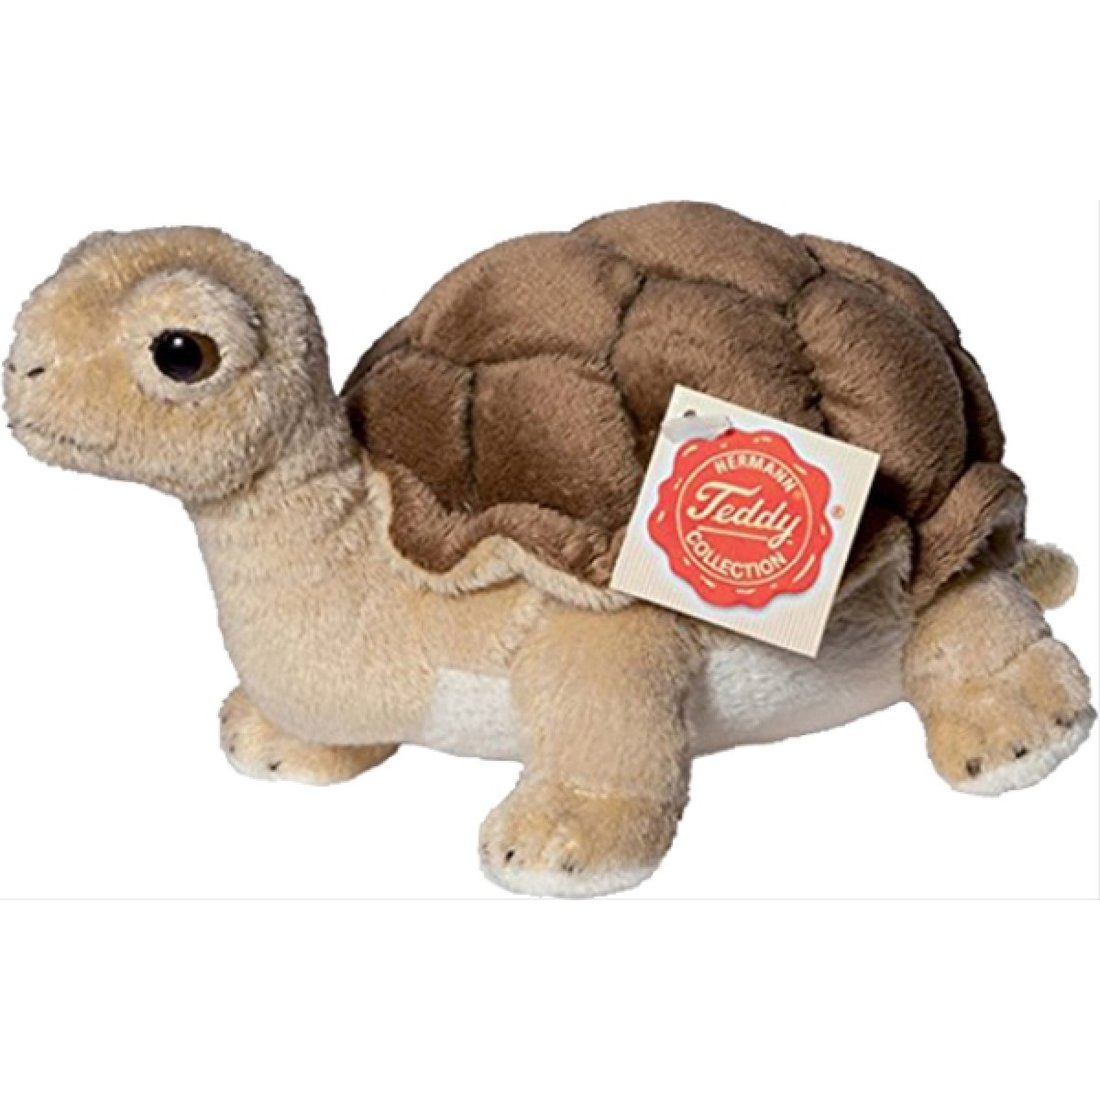 Kuscheltier Plüschtier Schildkröte, Teddy Hermann®, ca. 20 cm